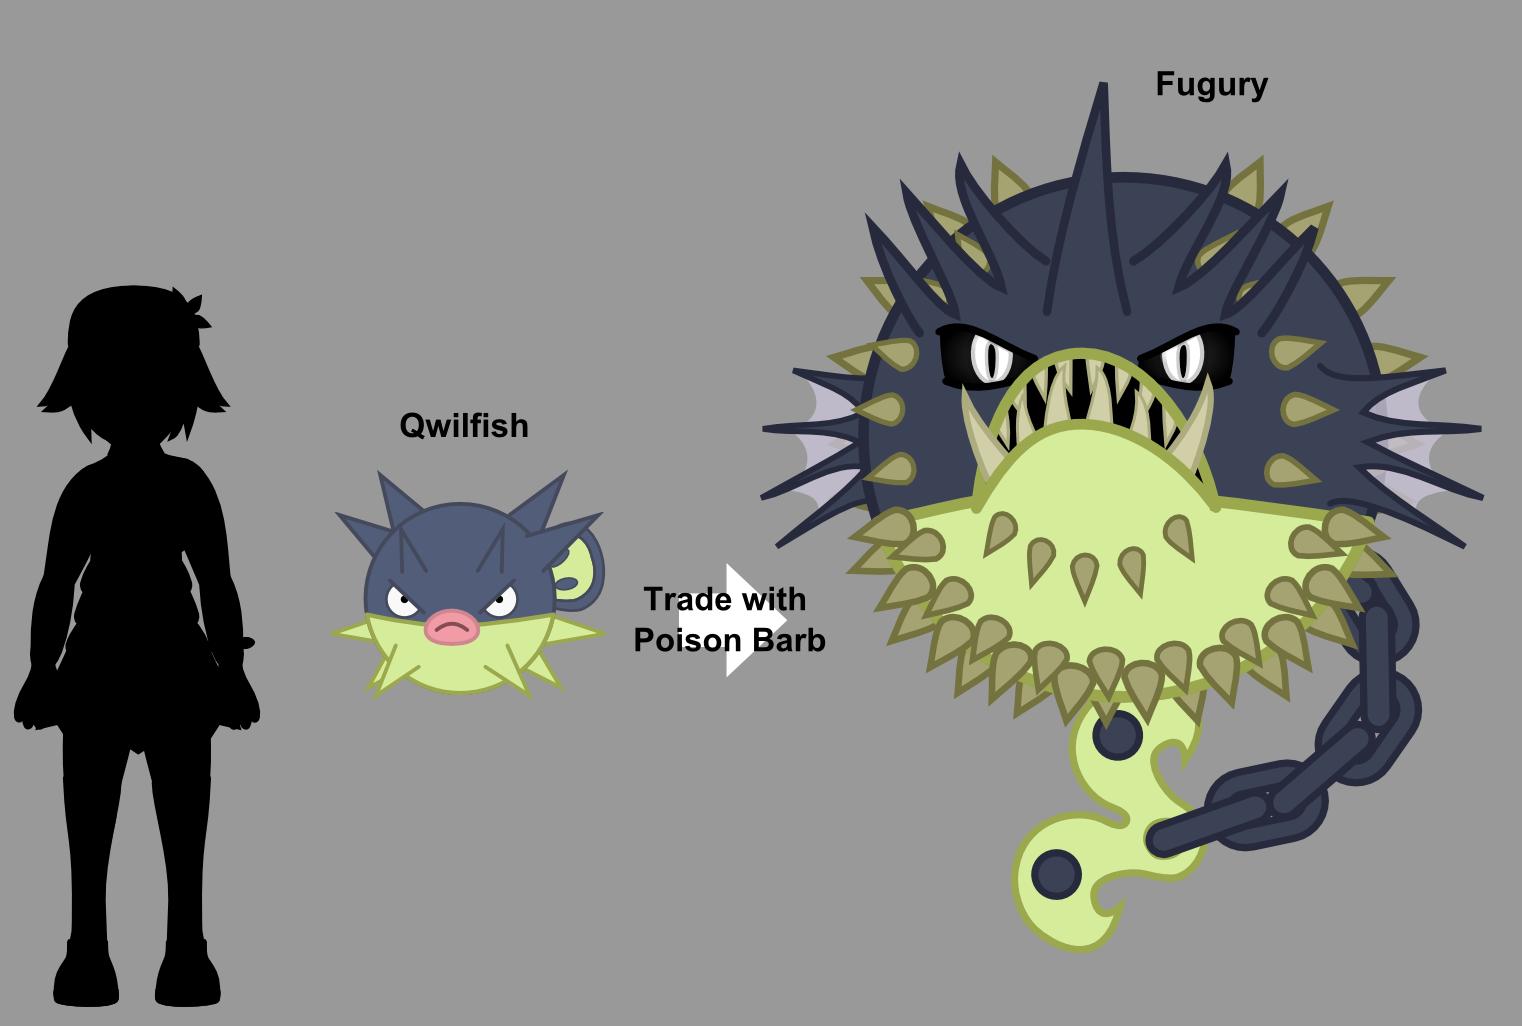 Qwilfish Evolution by Skeppio on DeviantArt